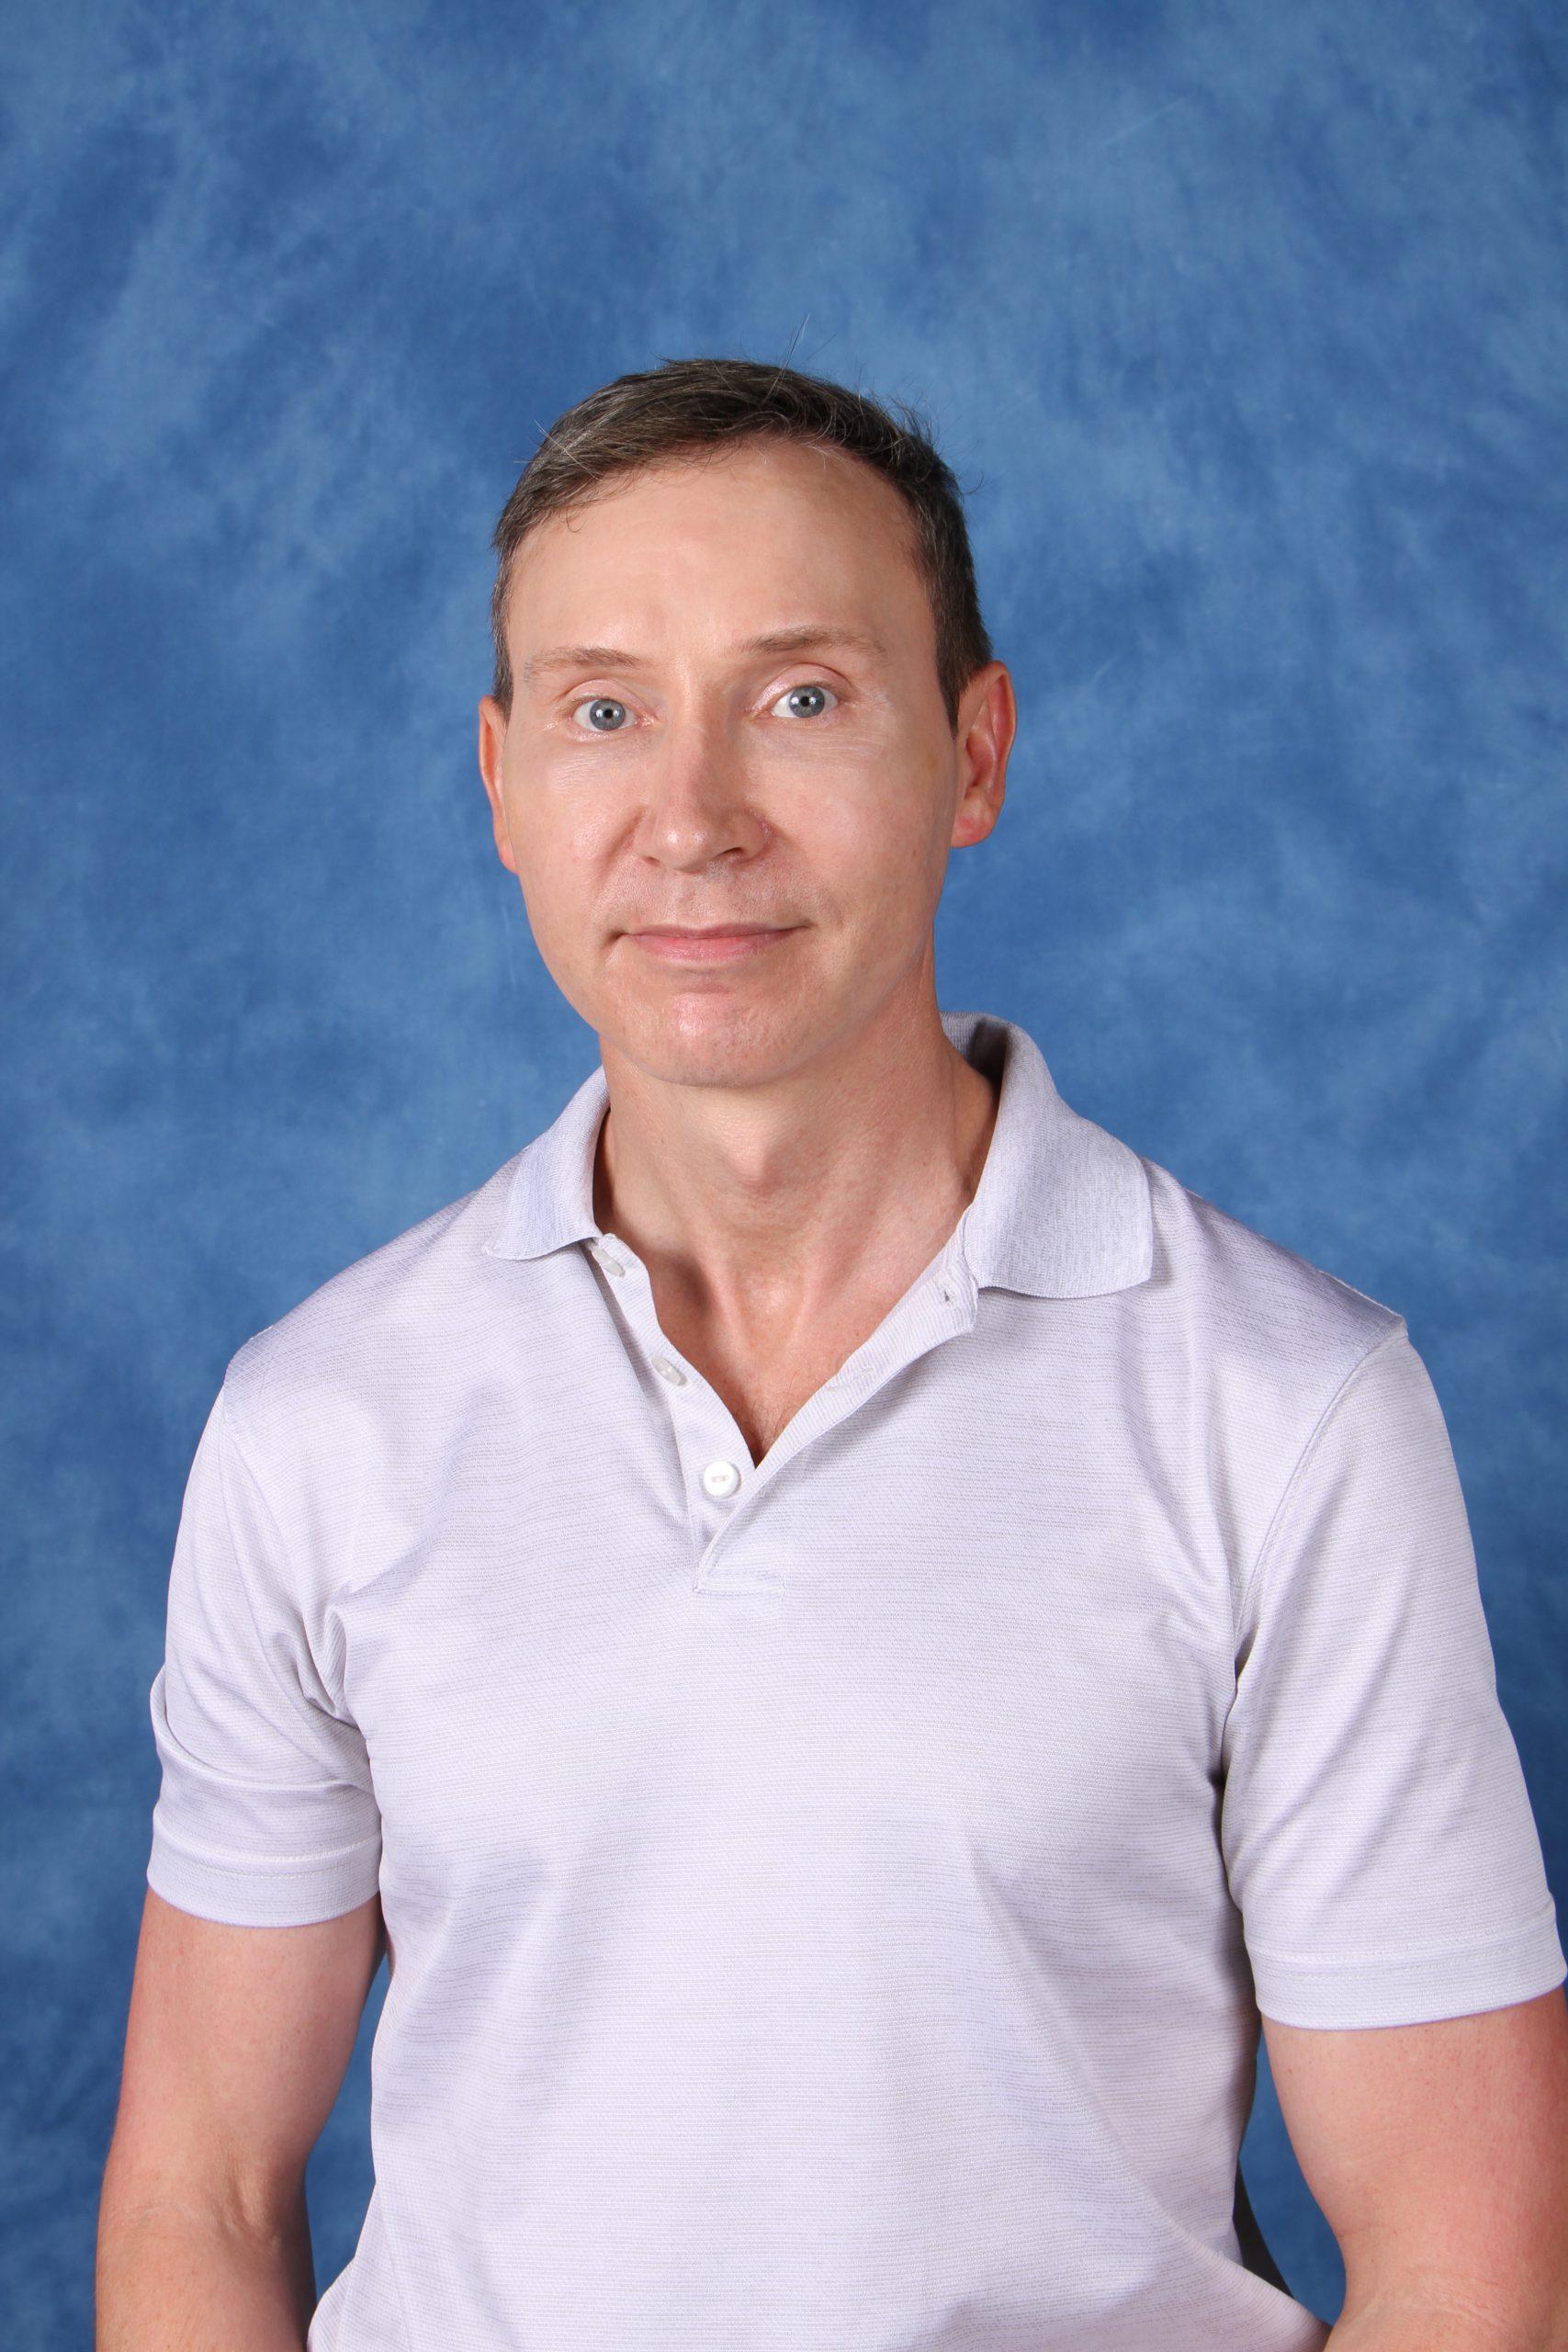 Dr. Matthew Pearcey